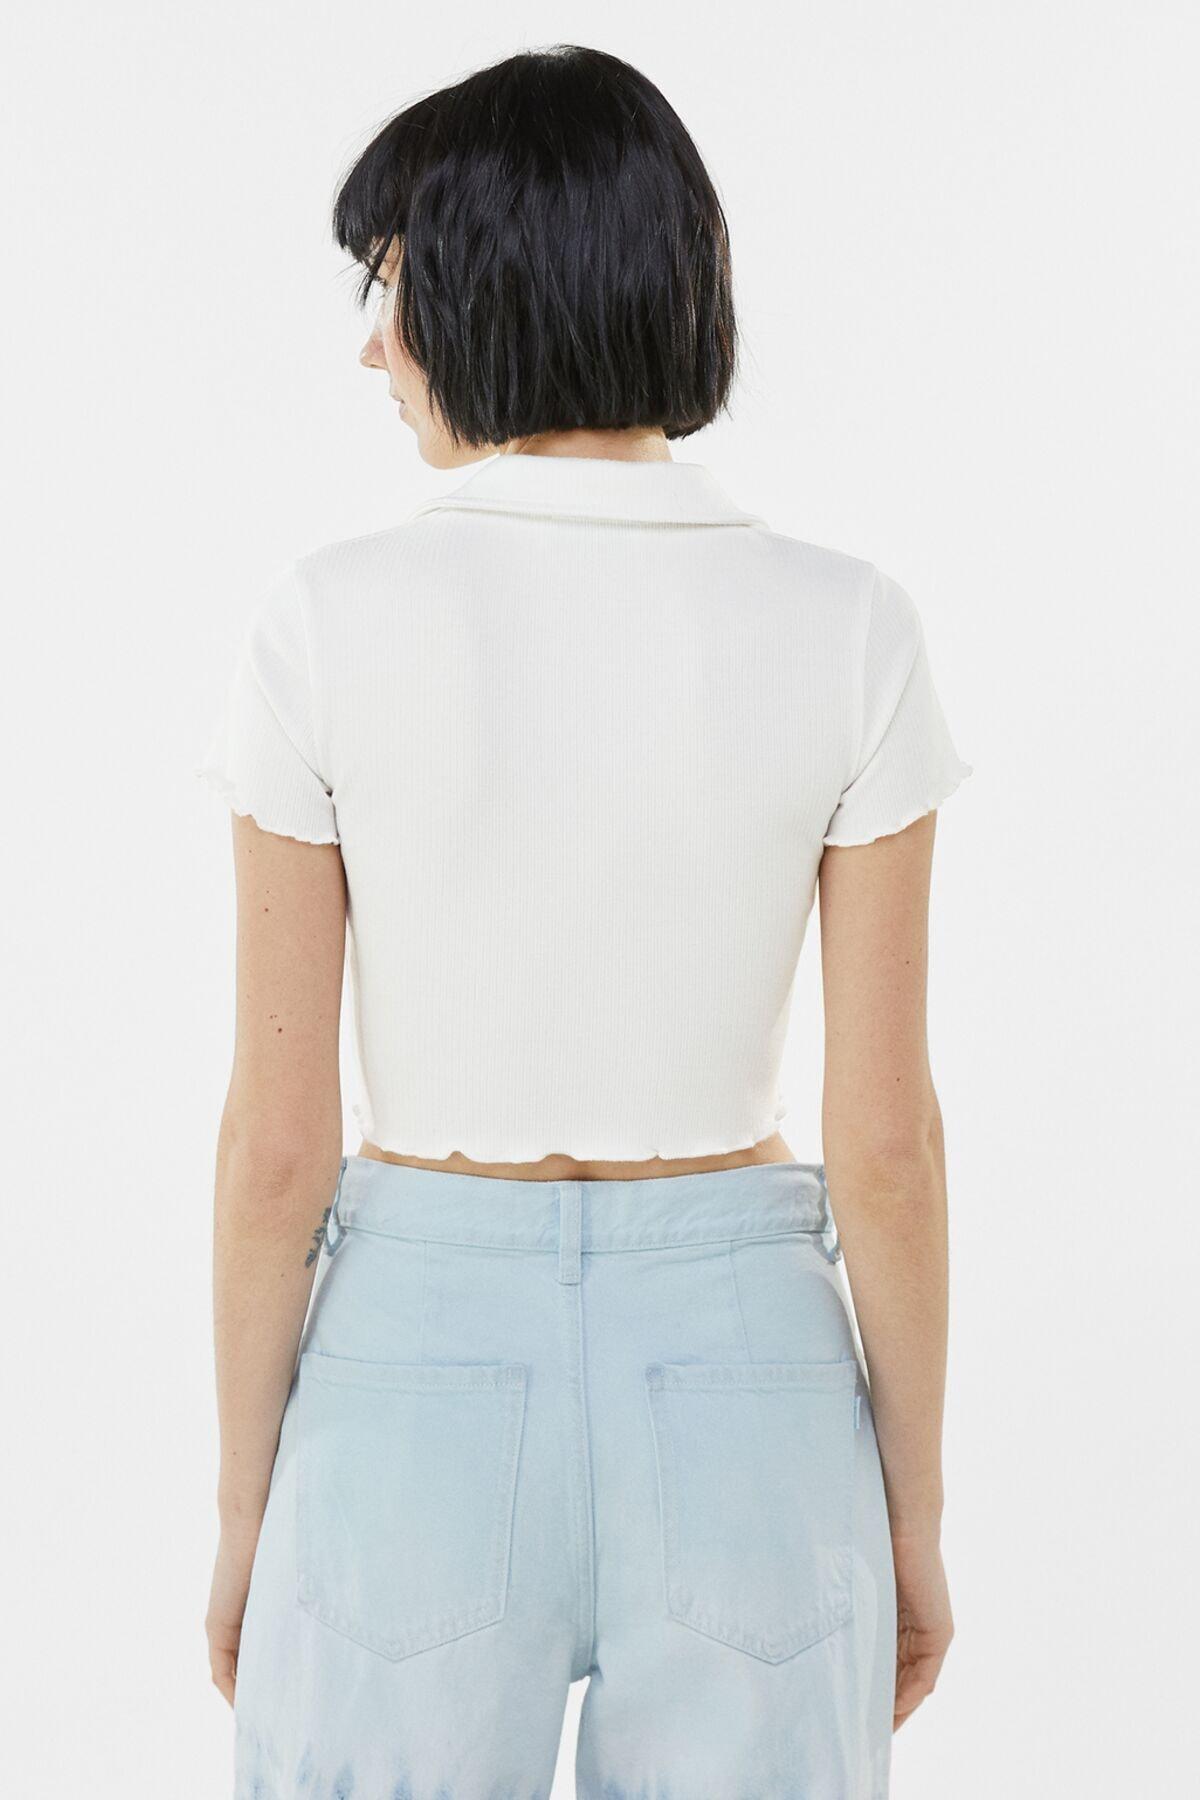 Bershka Kadın Beyaz Düğmeli Kısa Kollu Fitilli Polo T-Shirt 03305492 1